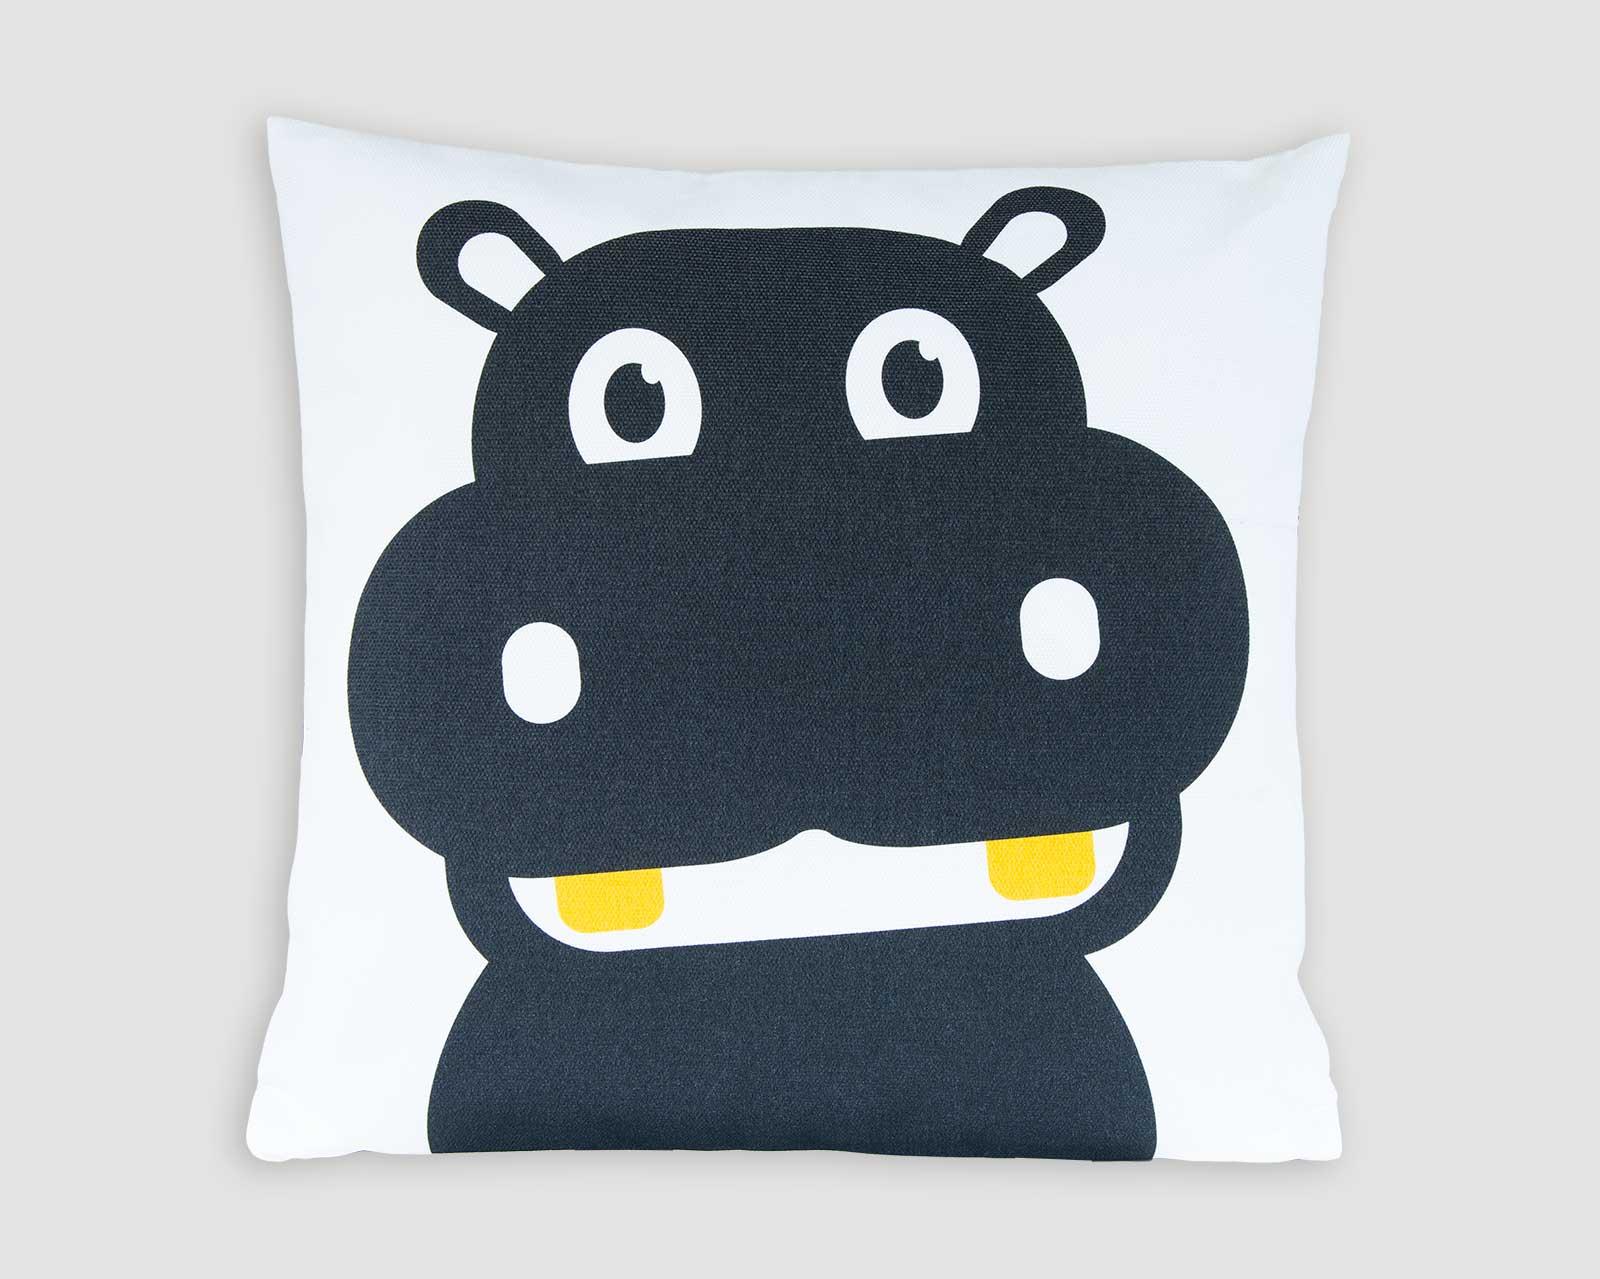 Kussenhoes kinderkamer zwart-wit print aapje Pie Hippo nijlpaard